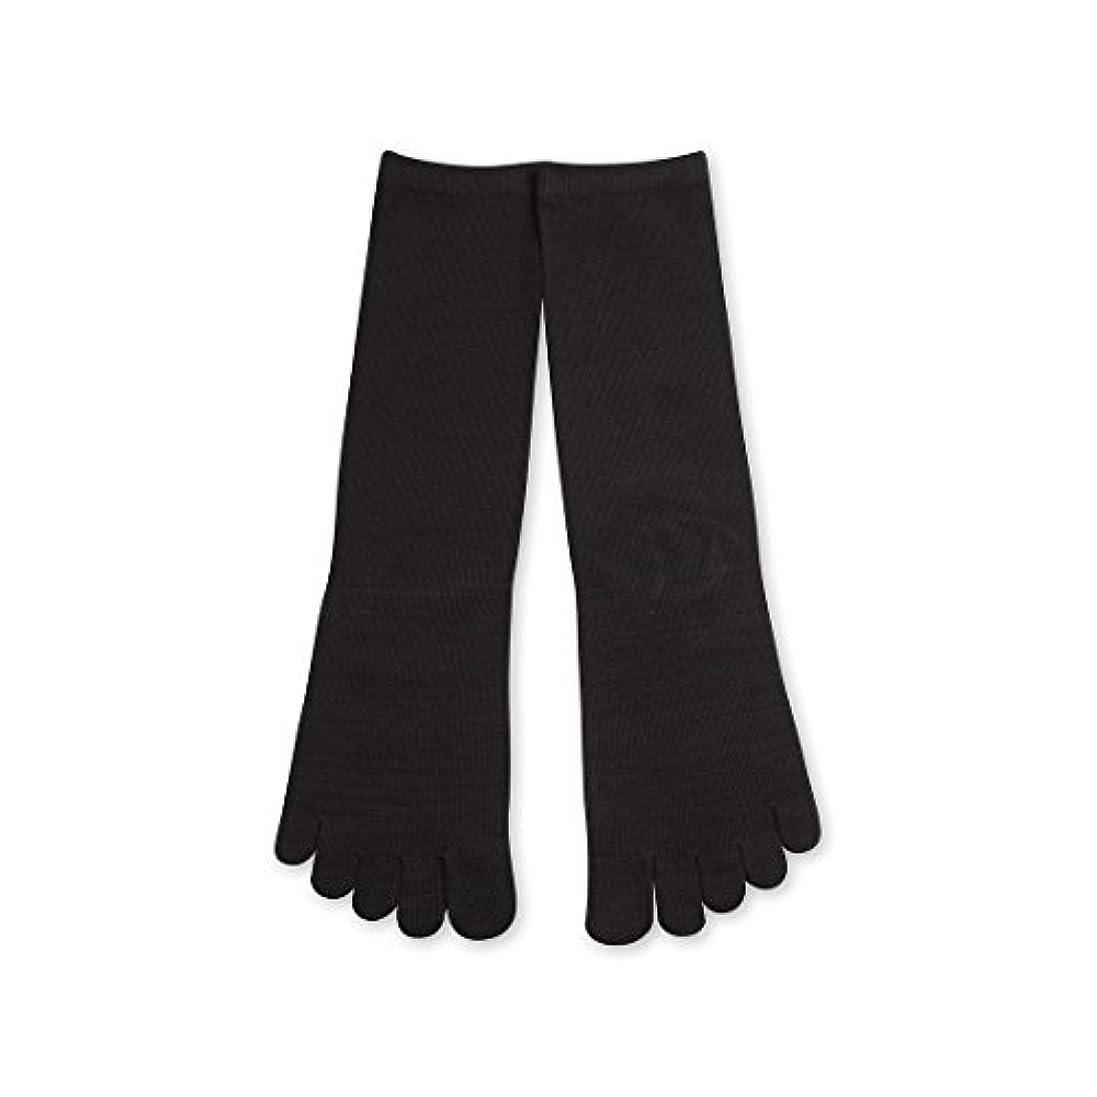 Deol(デオル) 5本指 ソックス 男性用 靴下 25~27cm 黒